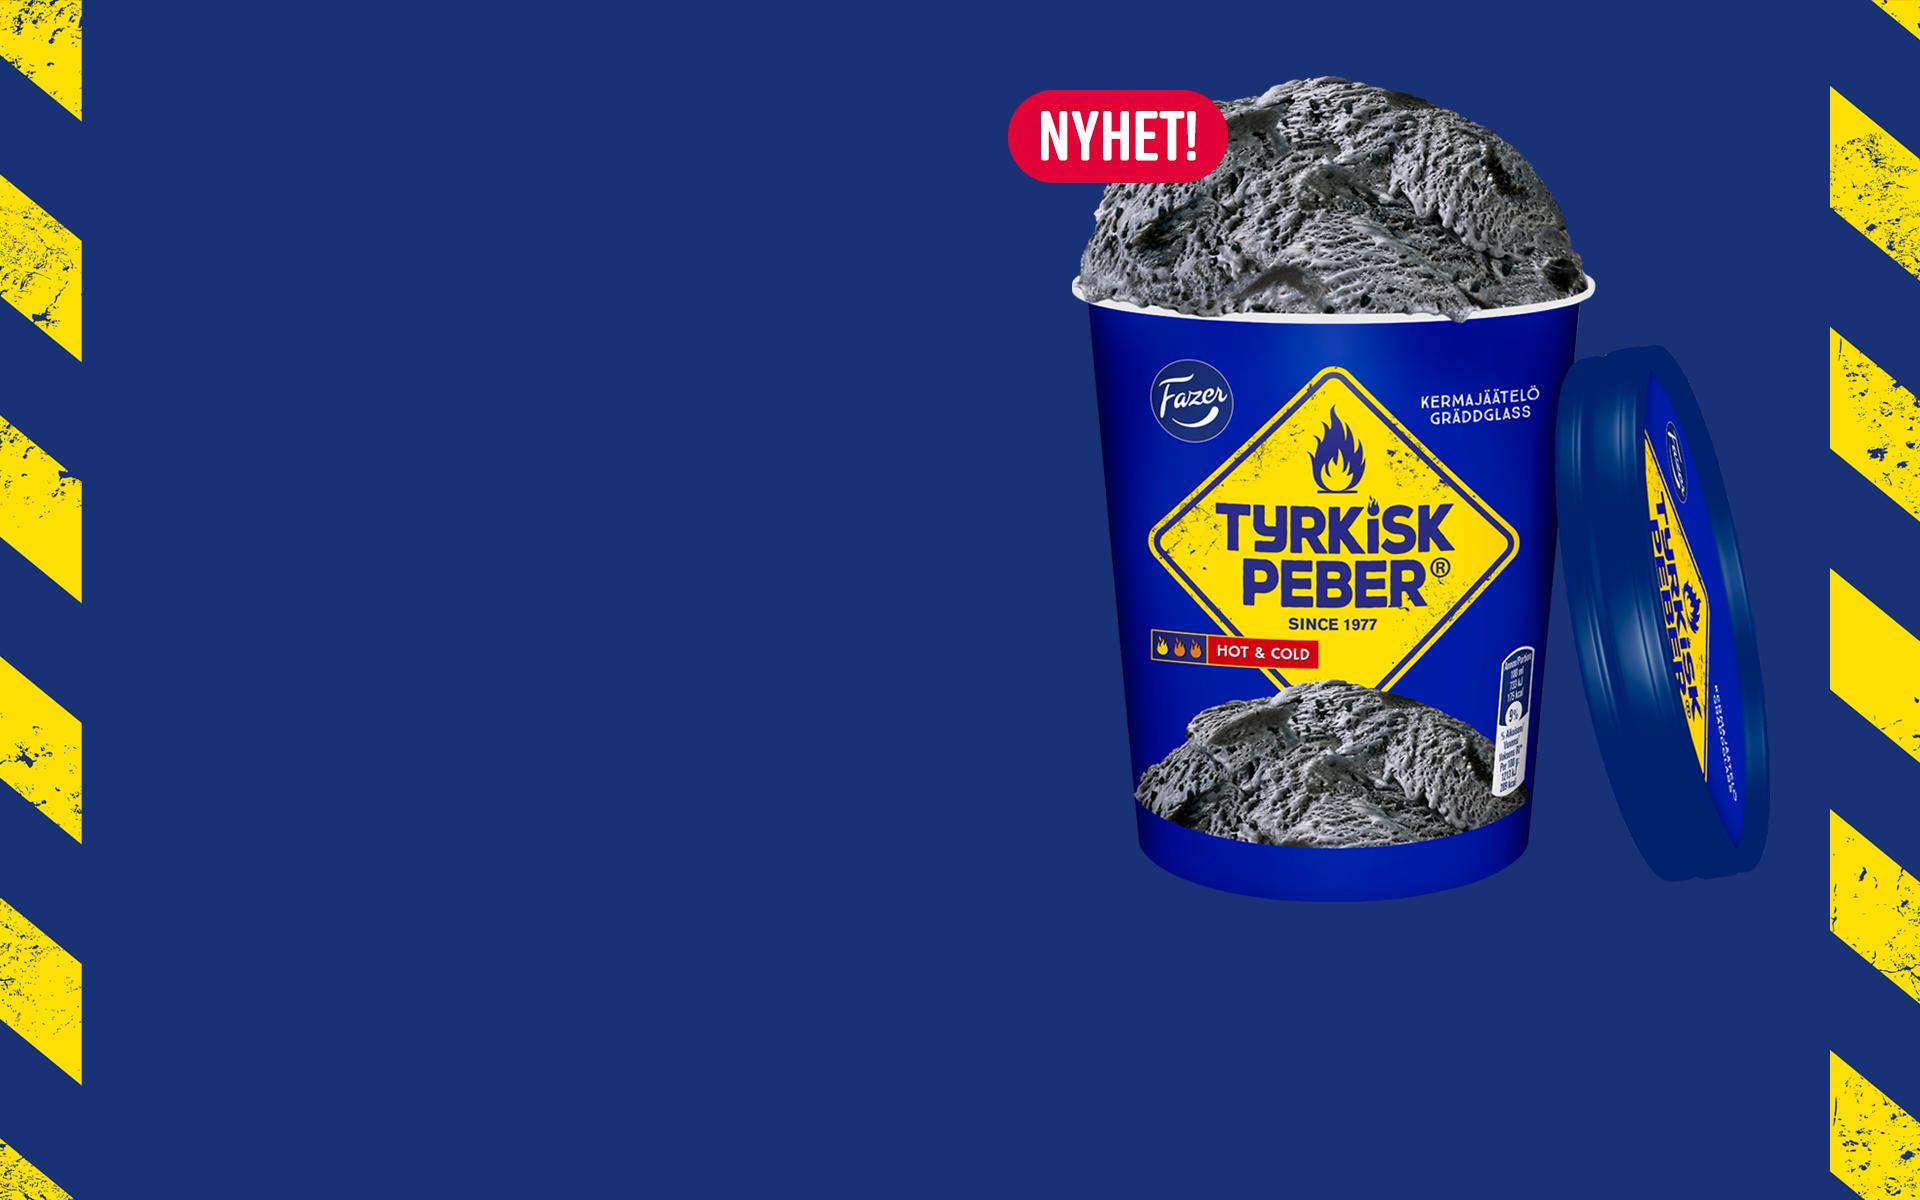 Tyrkisk Peber Pint